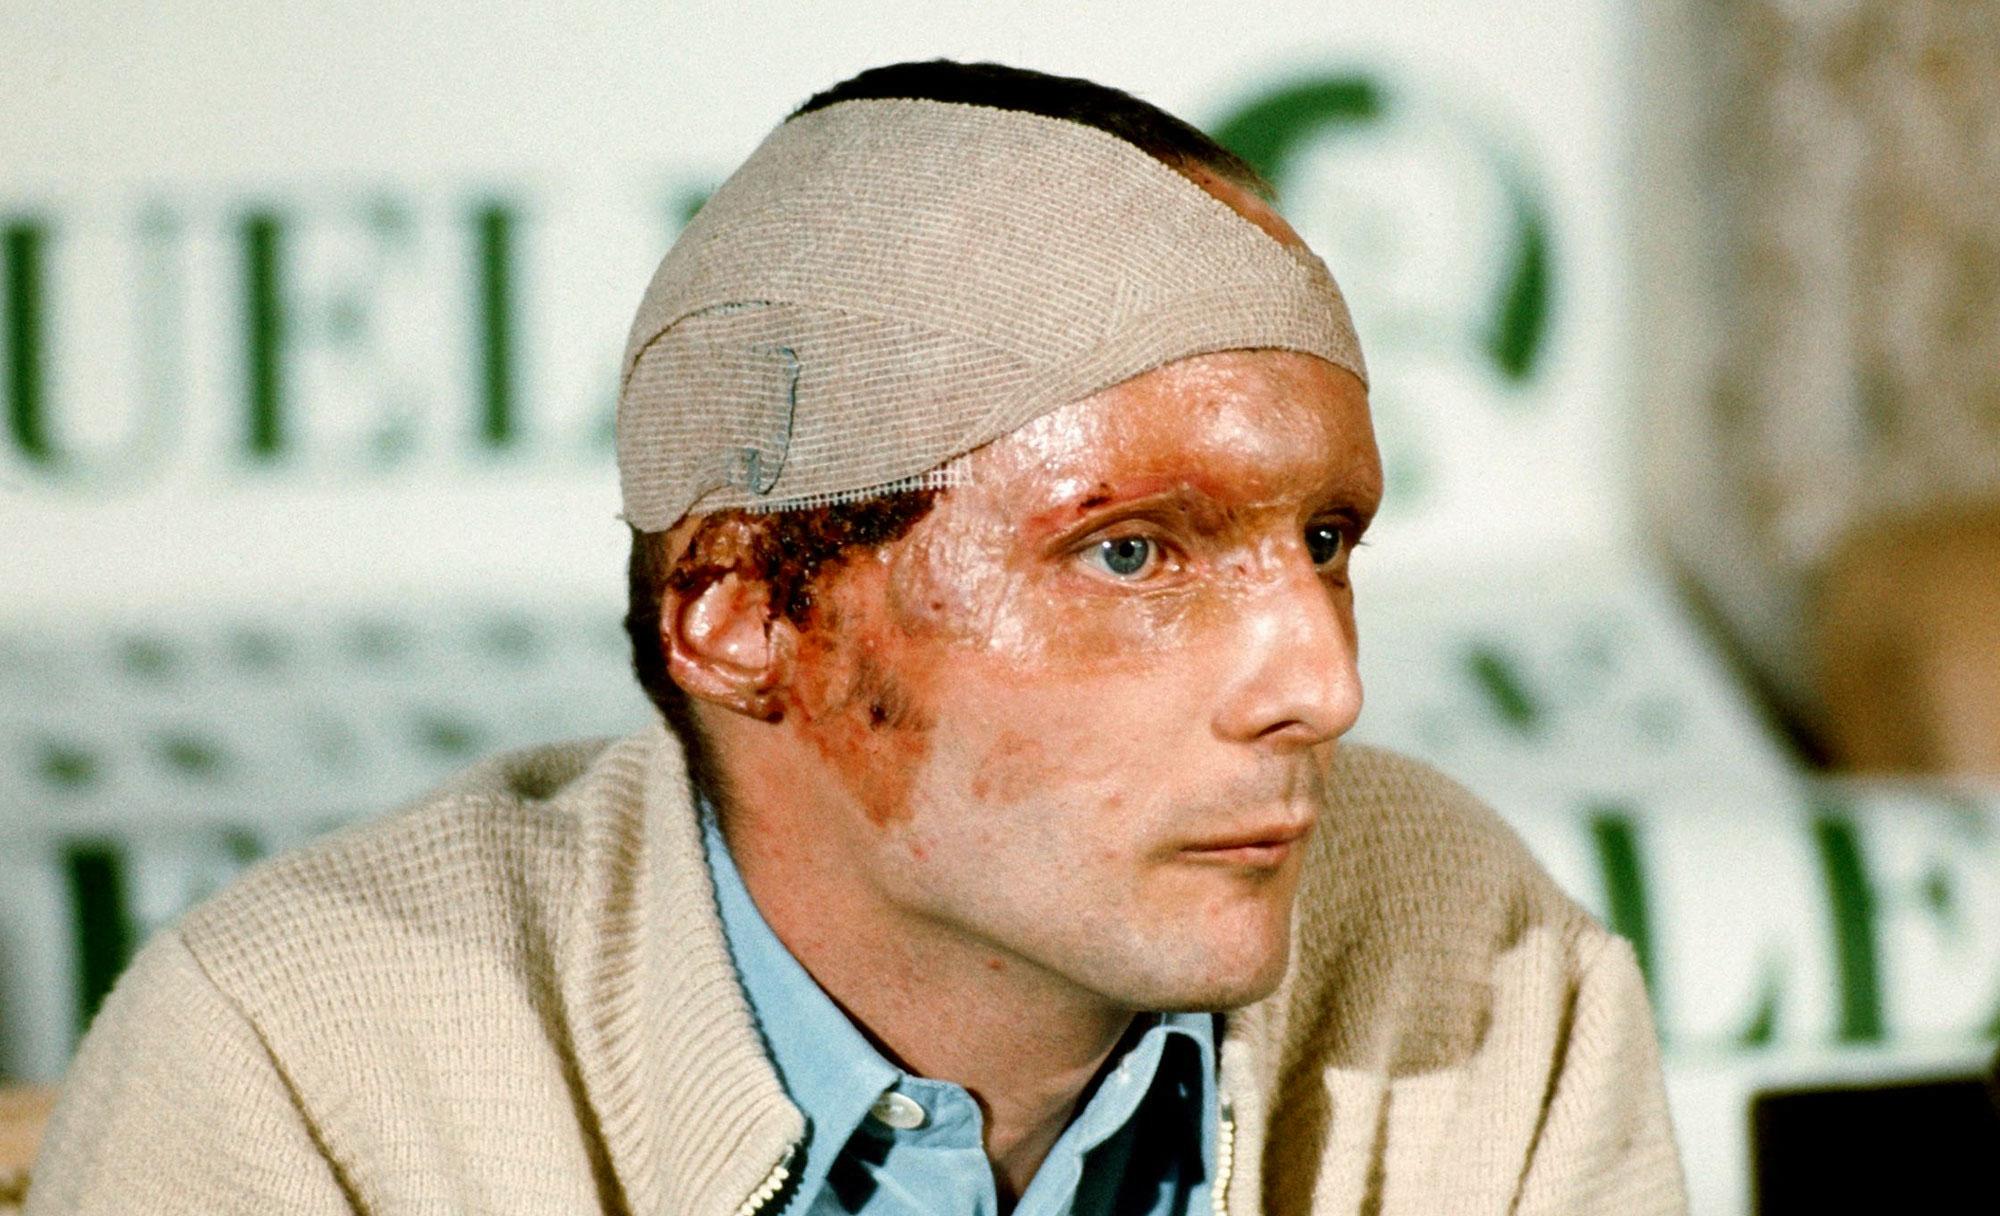 I segni delle bruciature sul viso diNiki Lauda